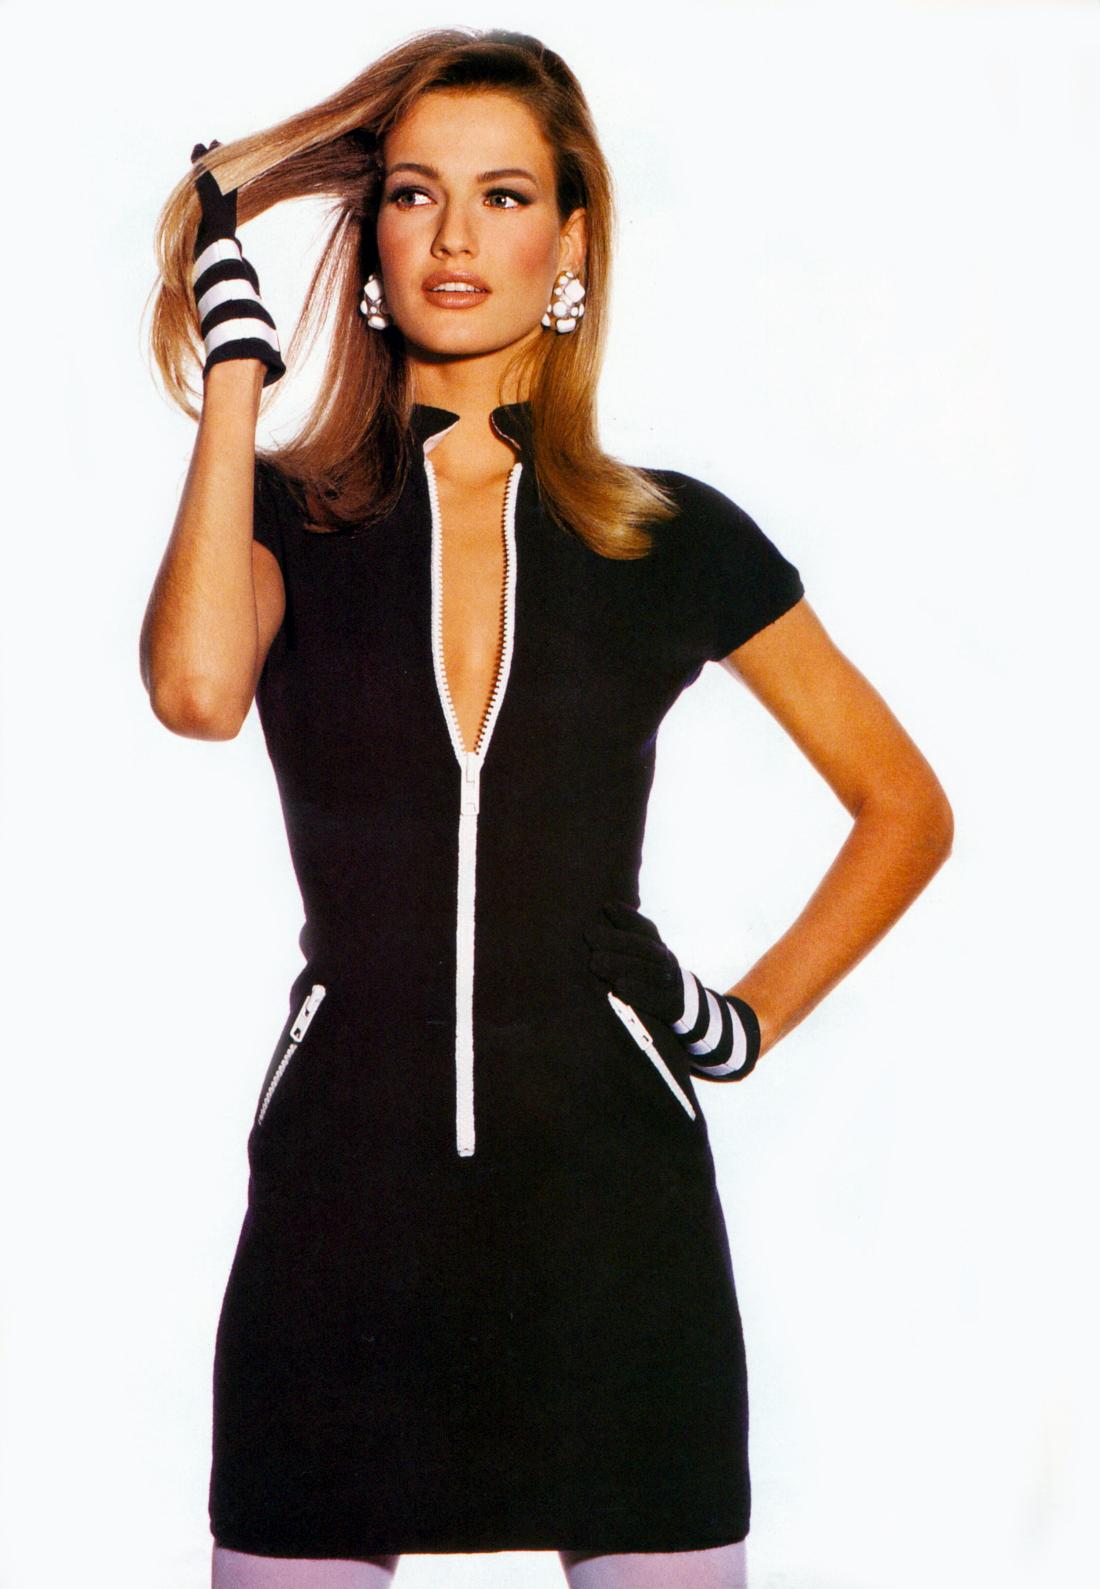 http://2.bp.blogspot.com/-IDglIRnePSk/TgKkz_sCGXI/AAAAAAAABlg/meVPTMXJzqM/s1600/Karen+US+Vogue+Apr+1991+Irving+Penn.jpg